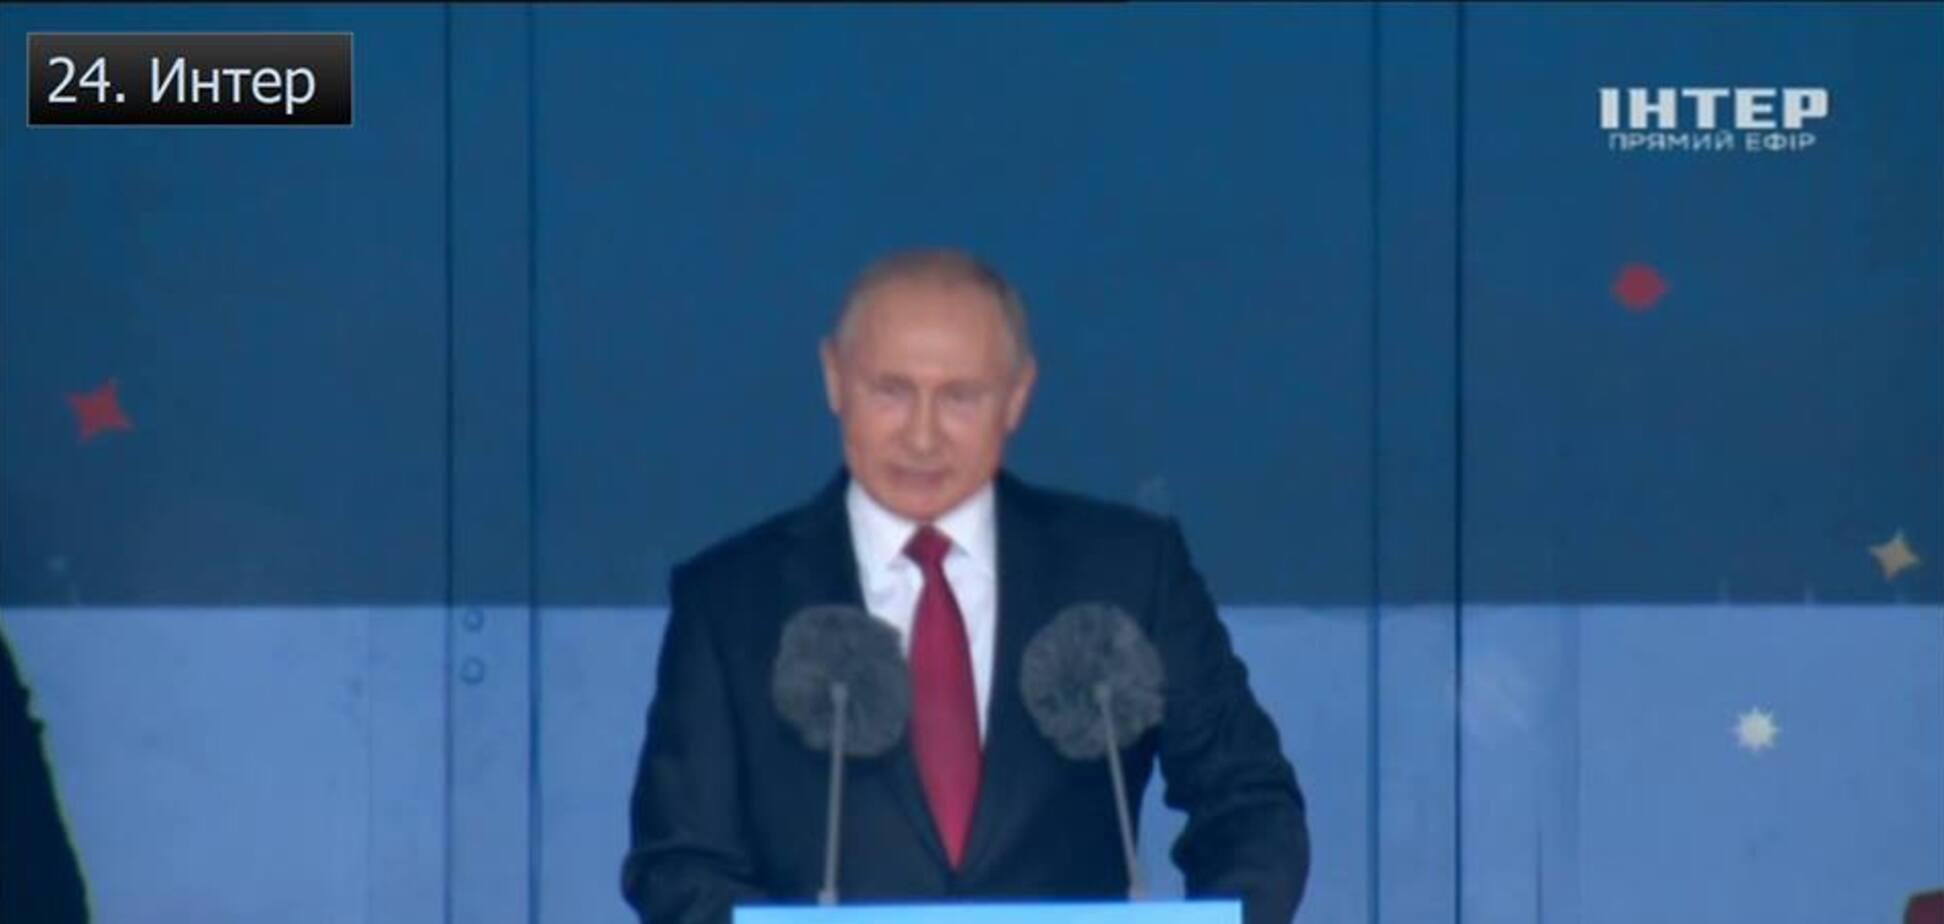 Речь Путина на 'Интере': вокруг показа ЧМ-2018 разгорелся скандал